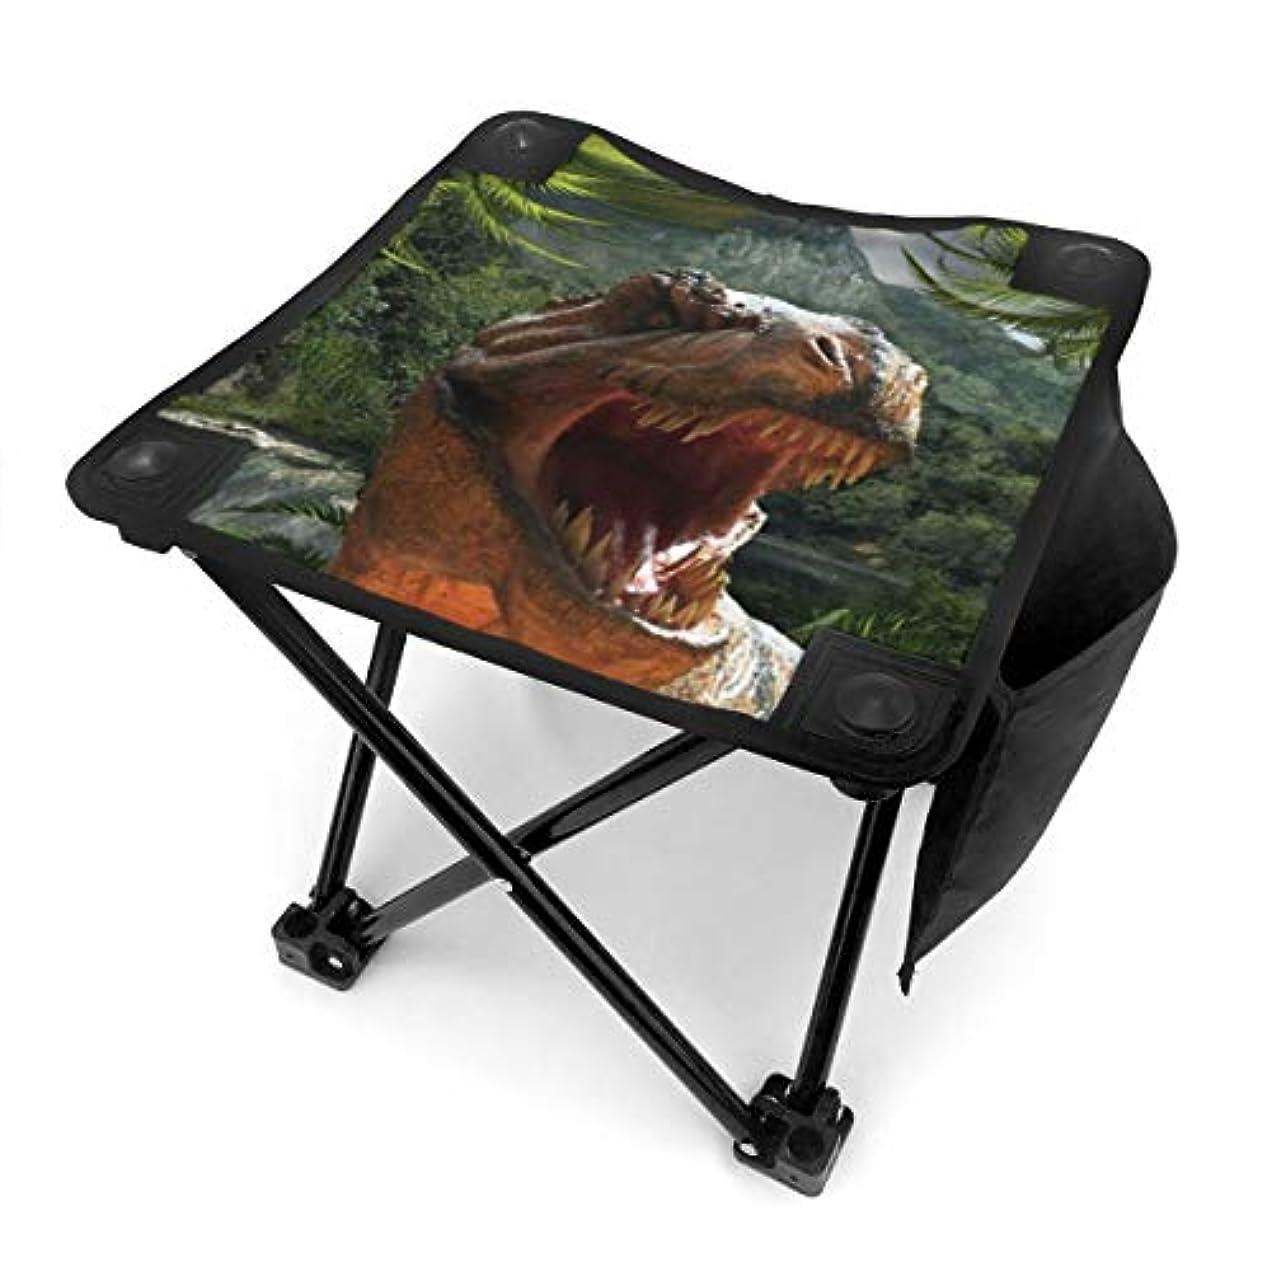 冷える綺麗な集団的折りたたみ椅子 ティラノサウルス?レックス アウトドアチェア 収納バッグ付き アウトドアチェア 折り畳み式 椅子 折りたたみ コンパト椅子 キャンプスツール 携帯便利 旅行用/お釣り/キャンプ/アウトドアなど対応